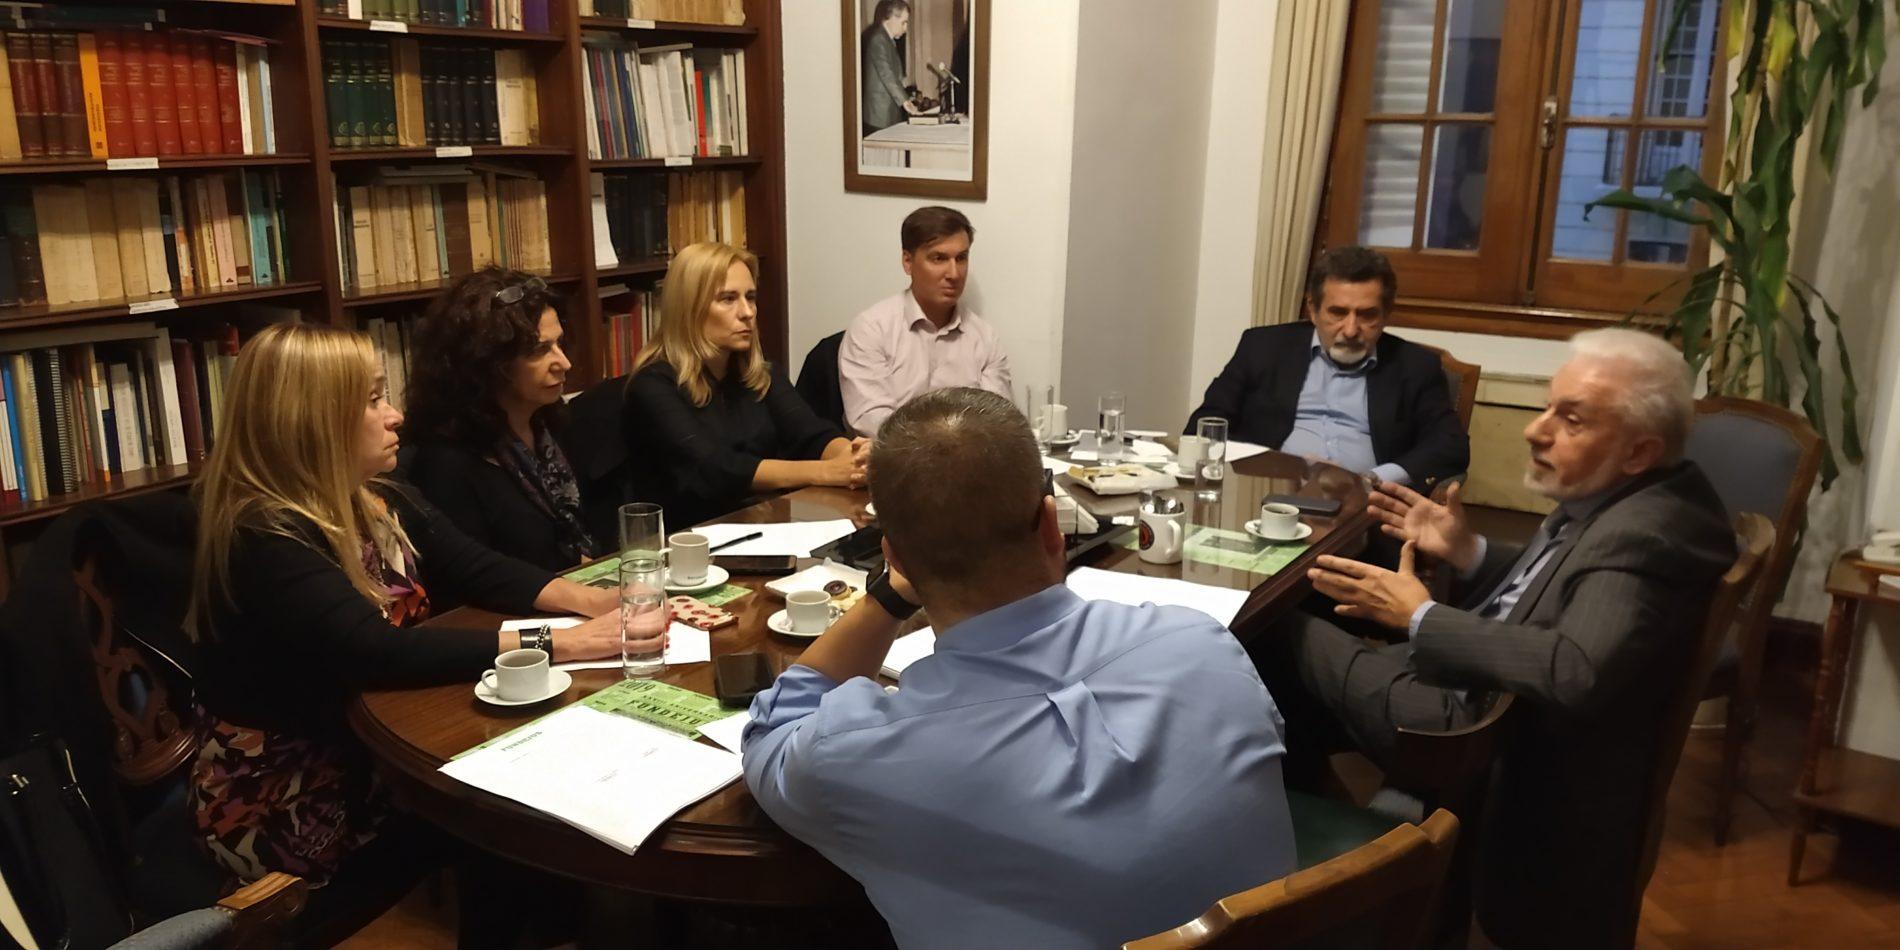 13/05/19. REUNIÓN DE TRABAJO DE LOS MIEMBROS DEL CONSEJO DE ADMINISTRACIÓN ACOMPAÑADOS POR INTEGRANTES DE LA OFICINA DE LA MUJER.